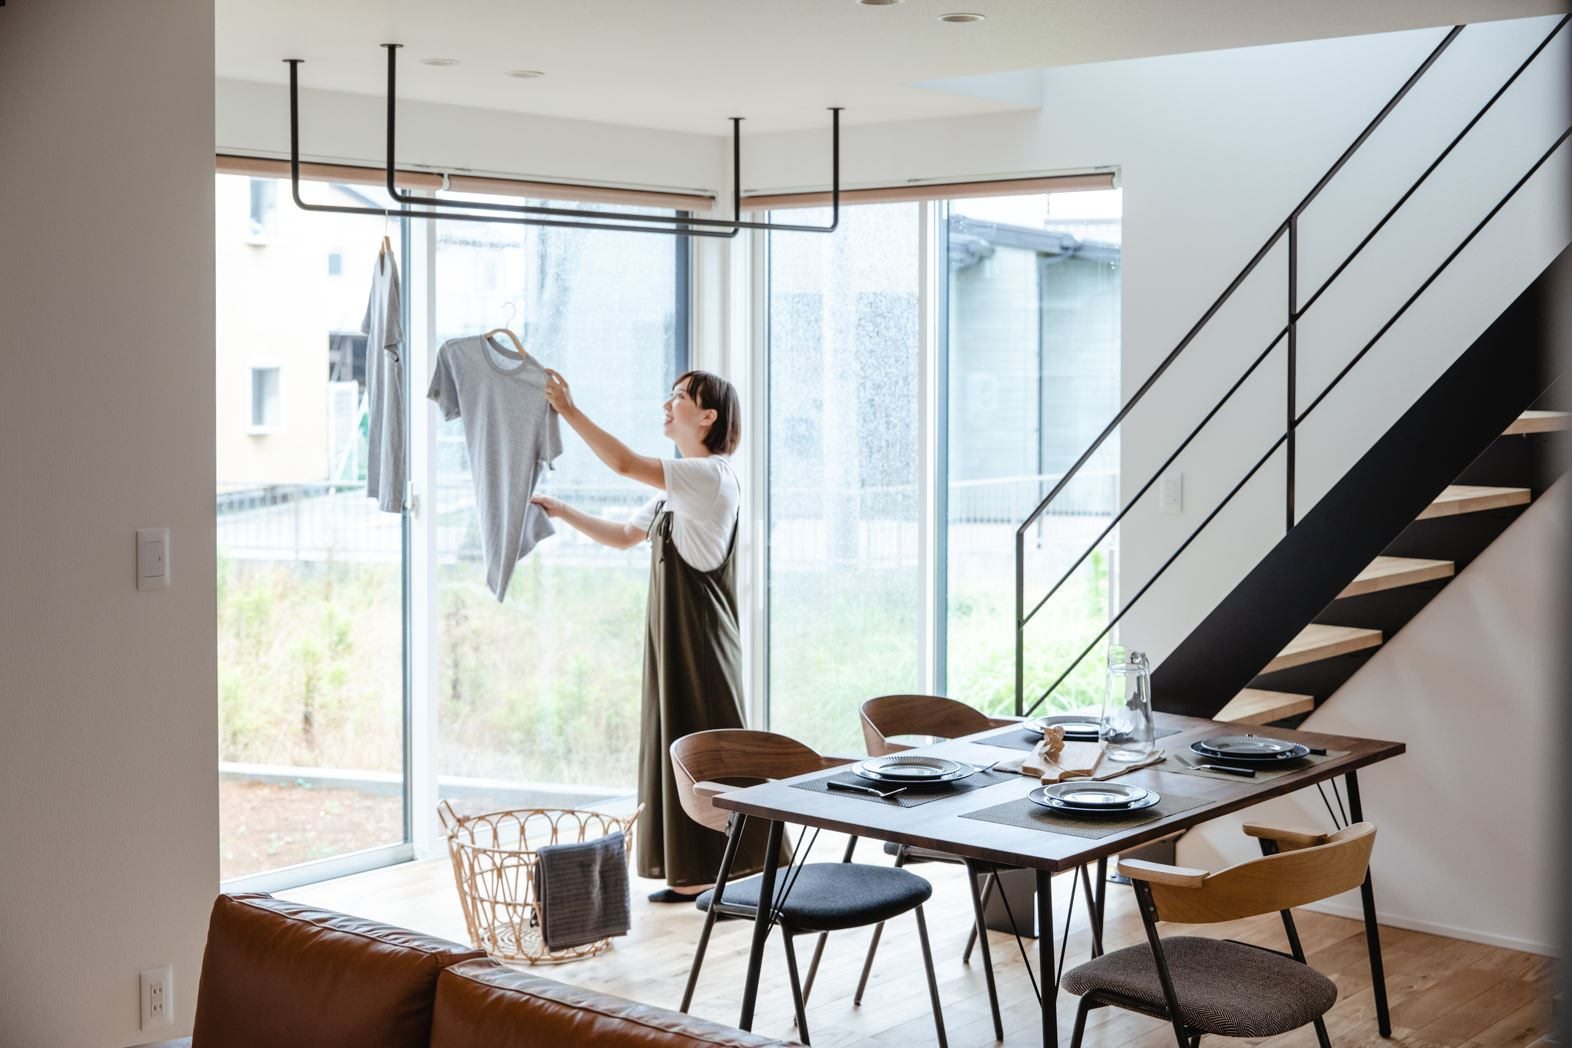 S.CONNECT(エスコネクト)【デザイン住宅、省エネ、建築家】庭に面した室内物干しスペースは、共働きの夫婦には必須の空間